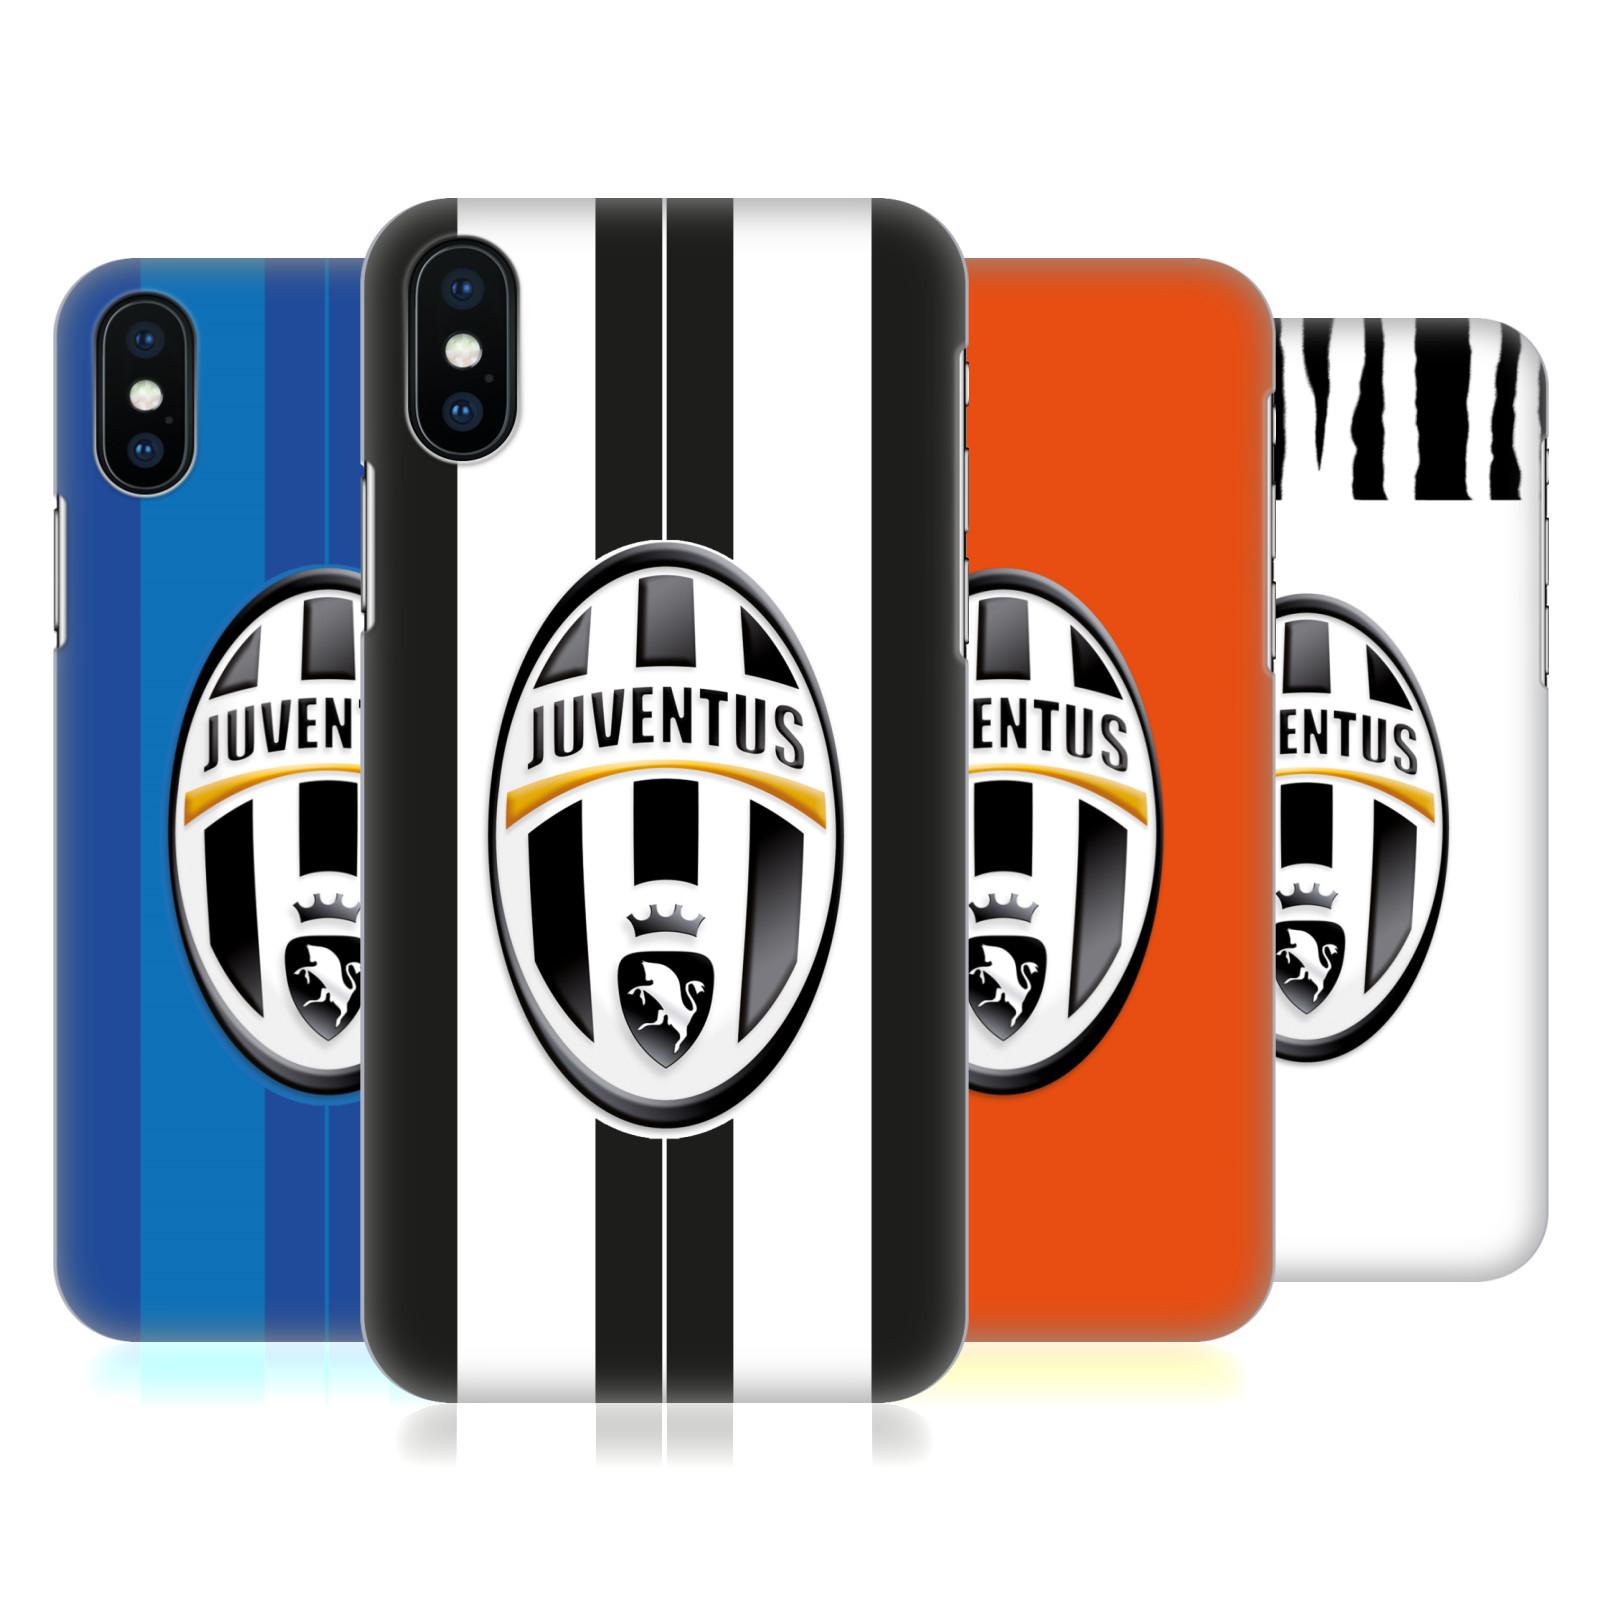 Juventus Football Club Match 2016/17 Kit